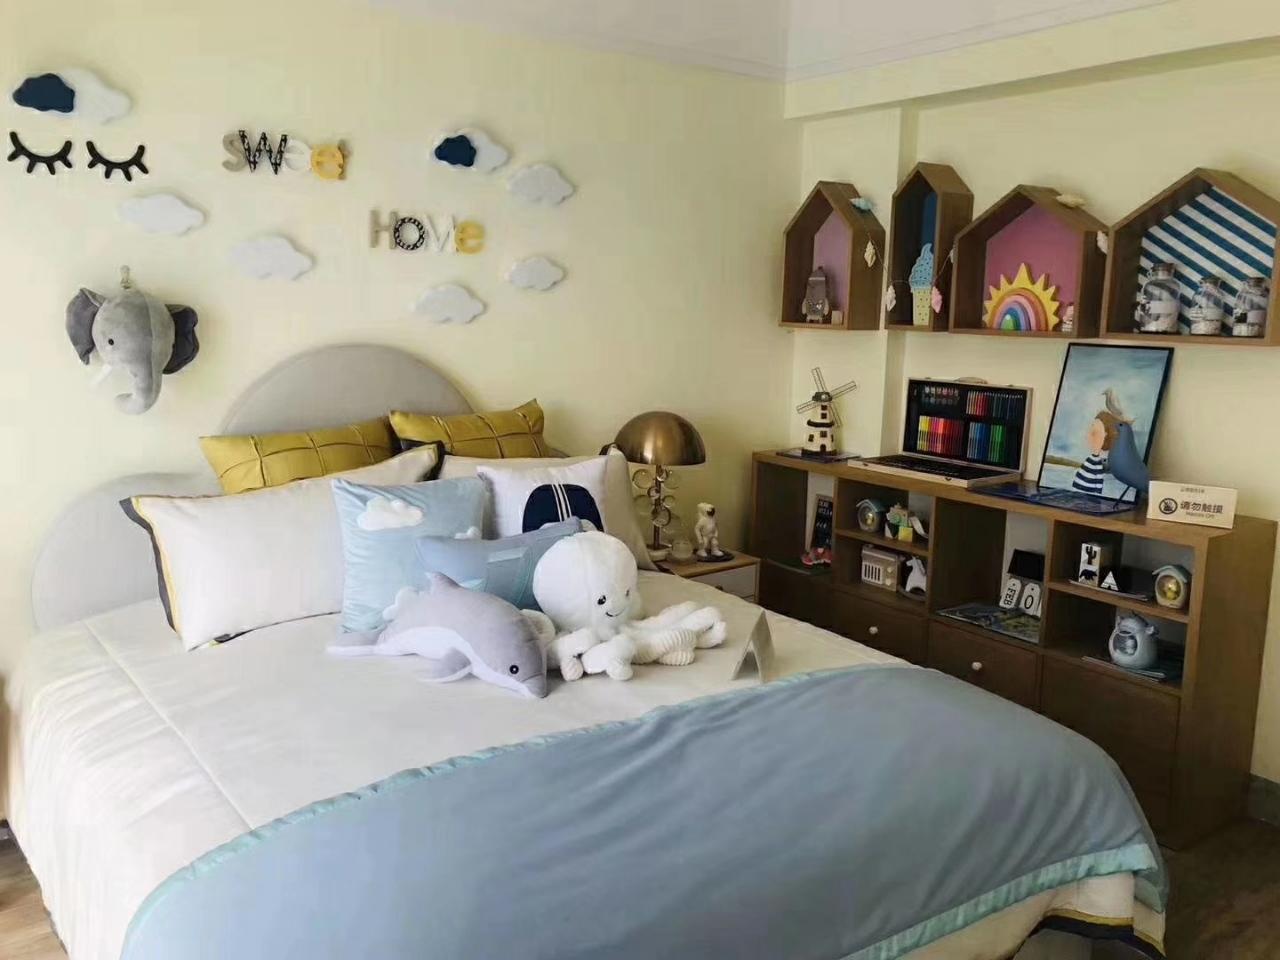 售楼部直售首付30万买两房一线海景房不限购海陵岛